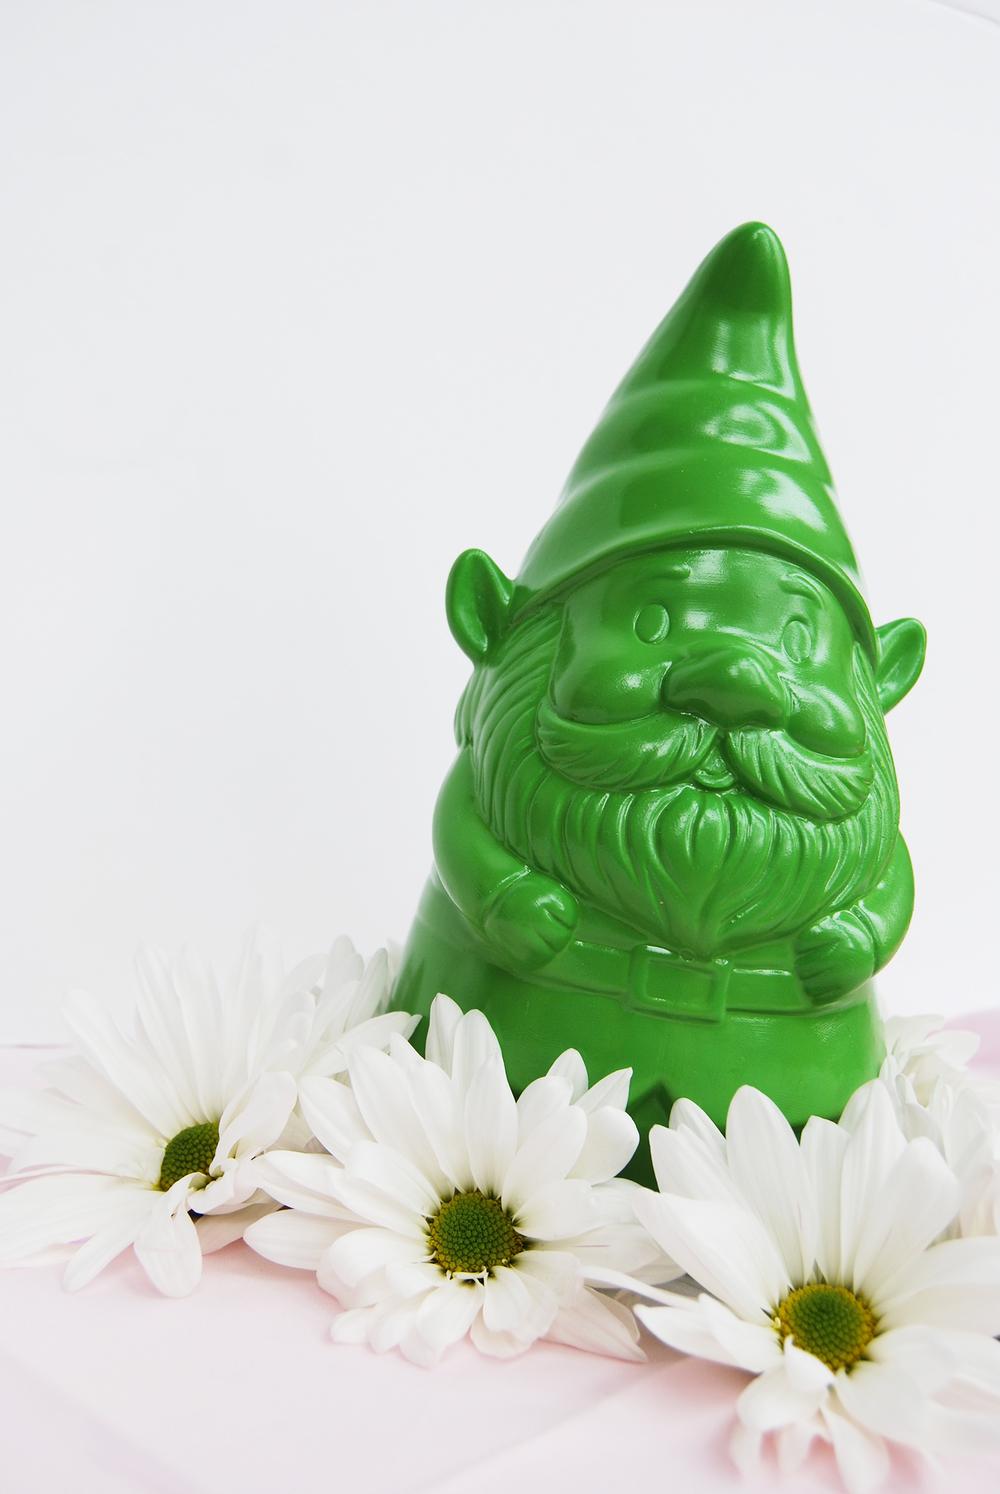 garden_gnome_4.jpg